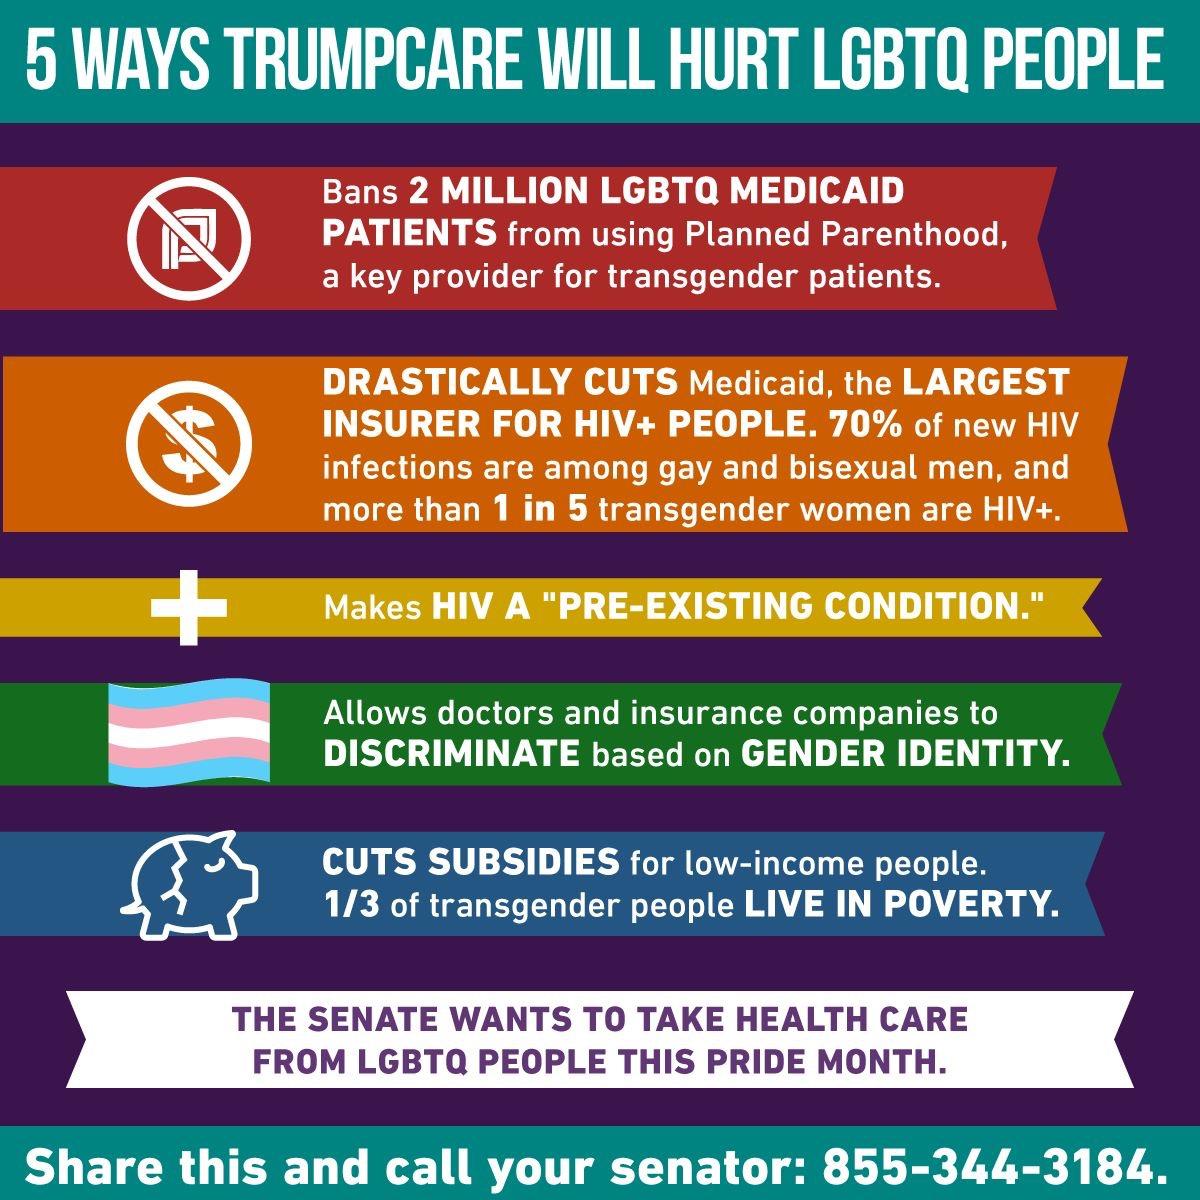 Trumpcare Hurts LGBTQ People